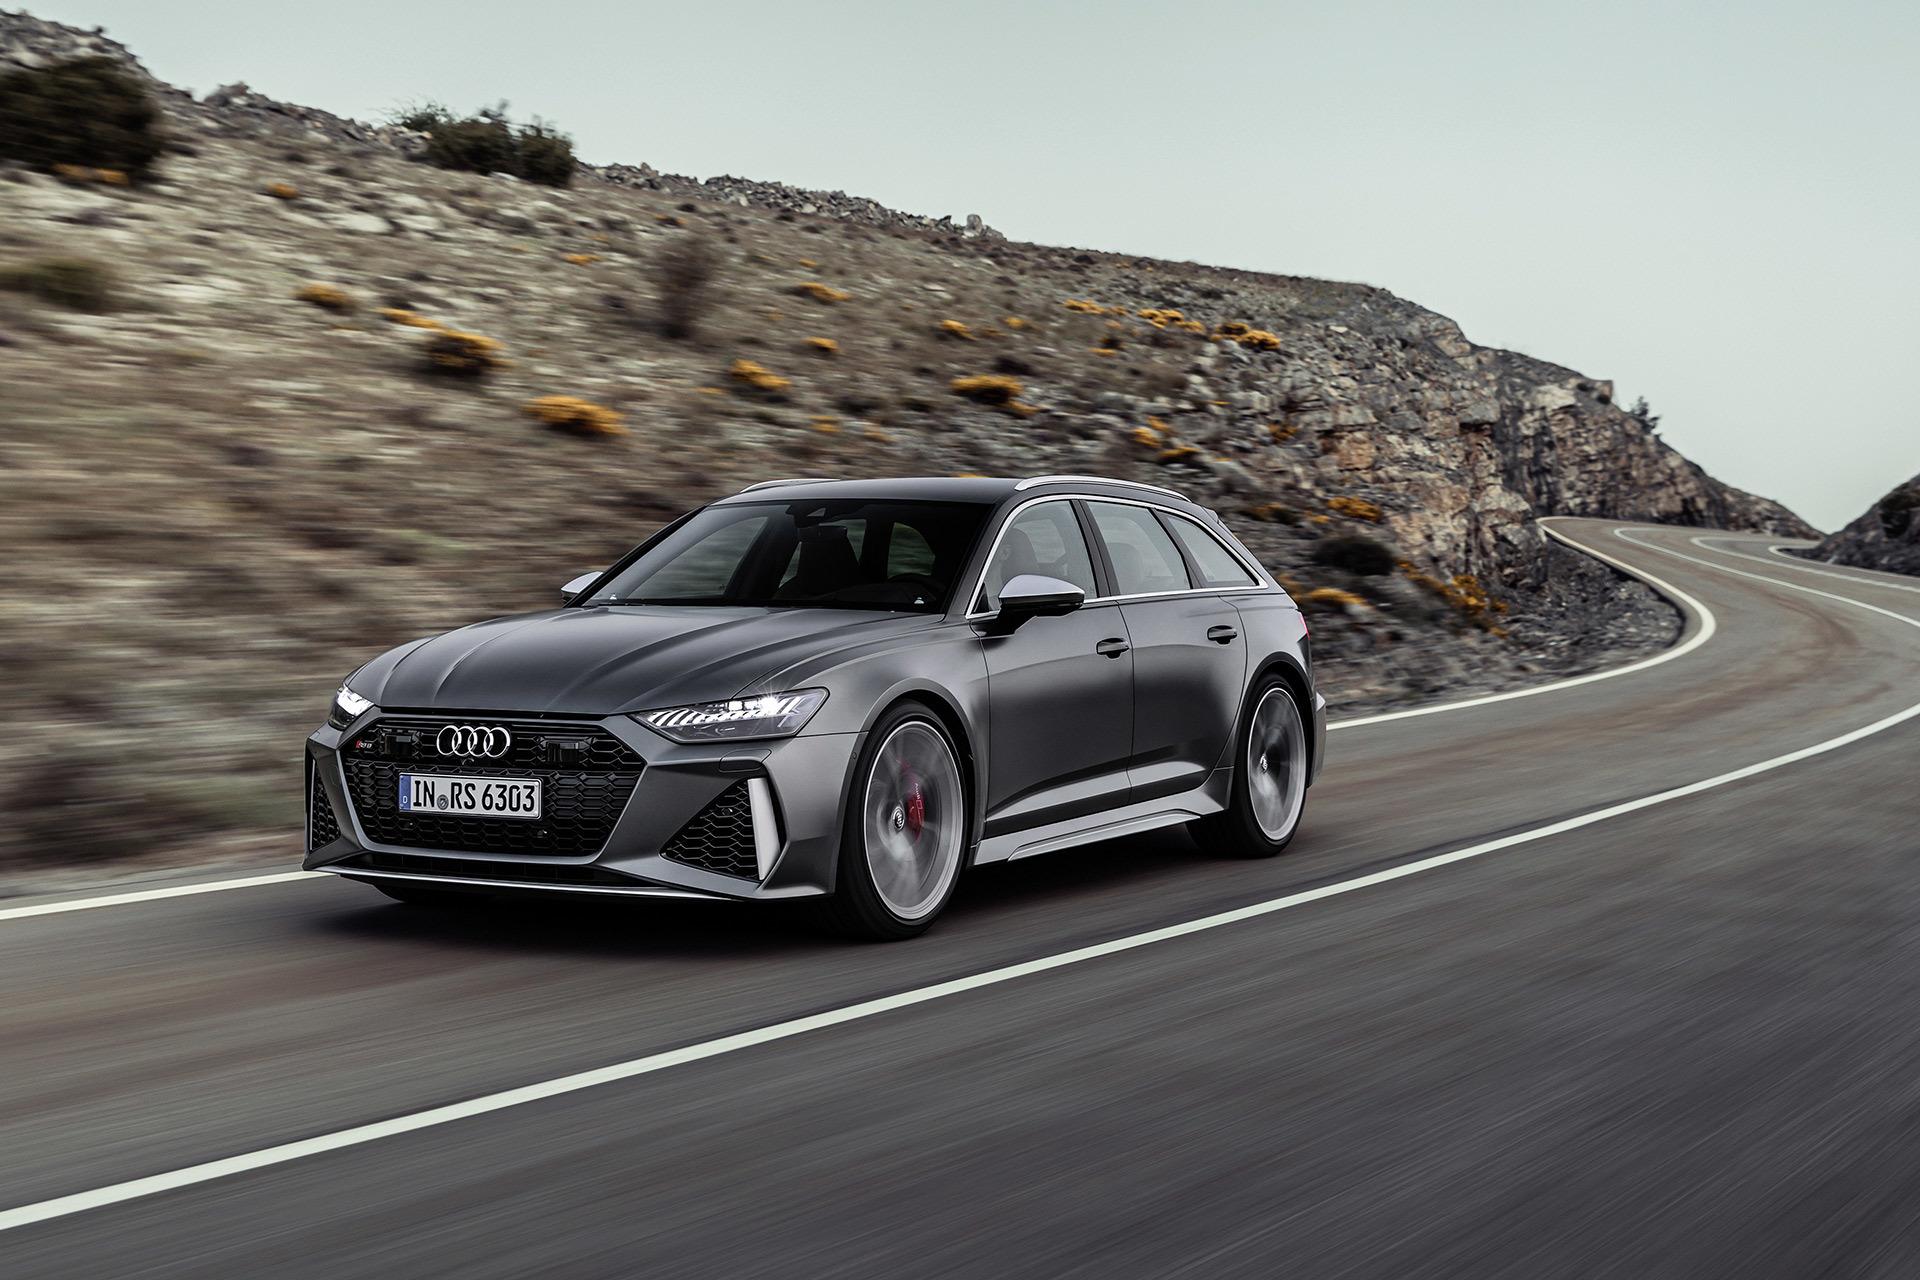 Audi Rs6 Avant 2020 6116 Rs6000002